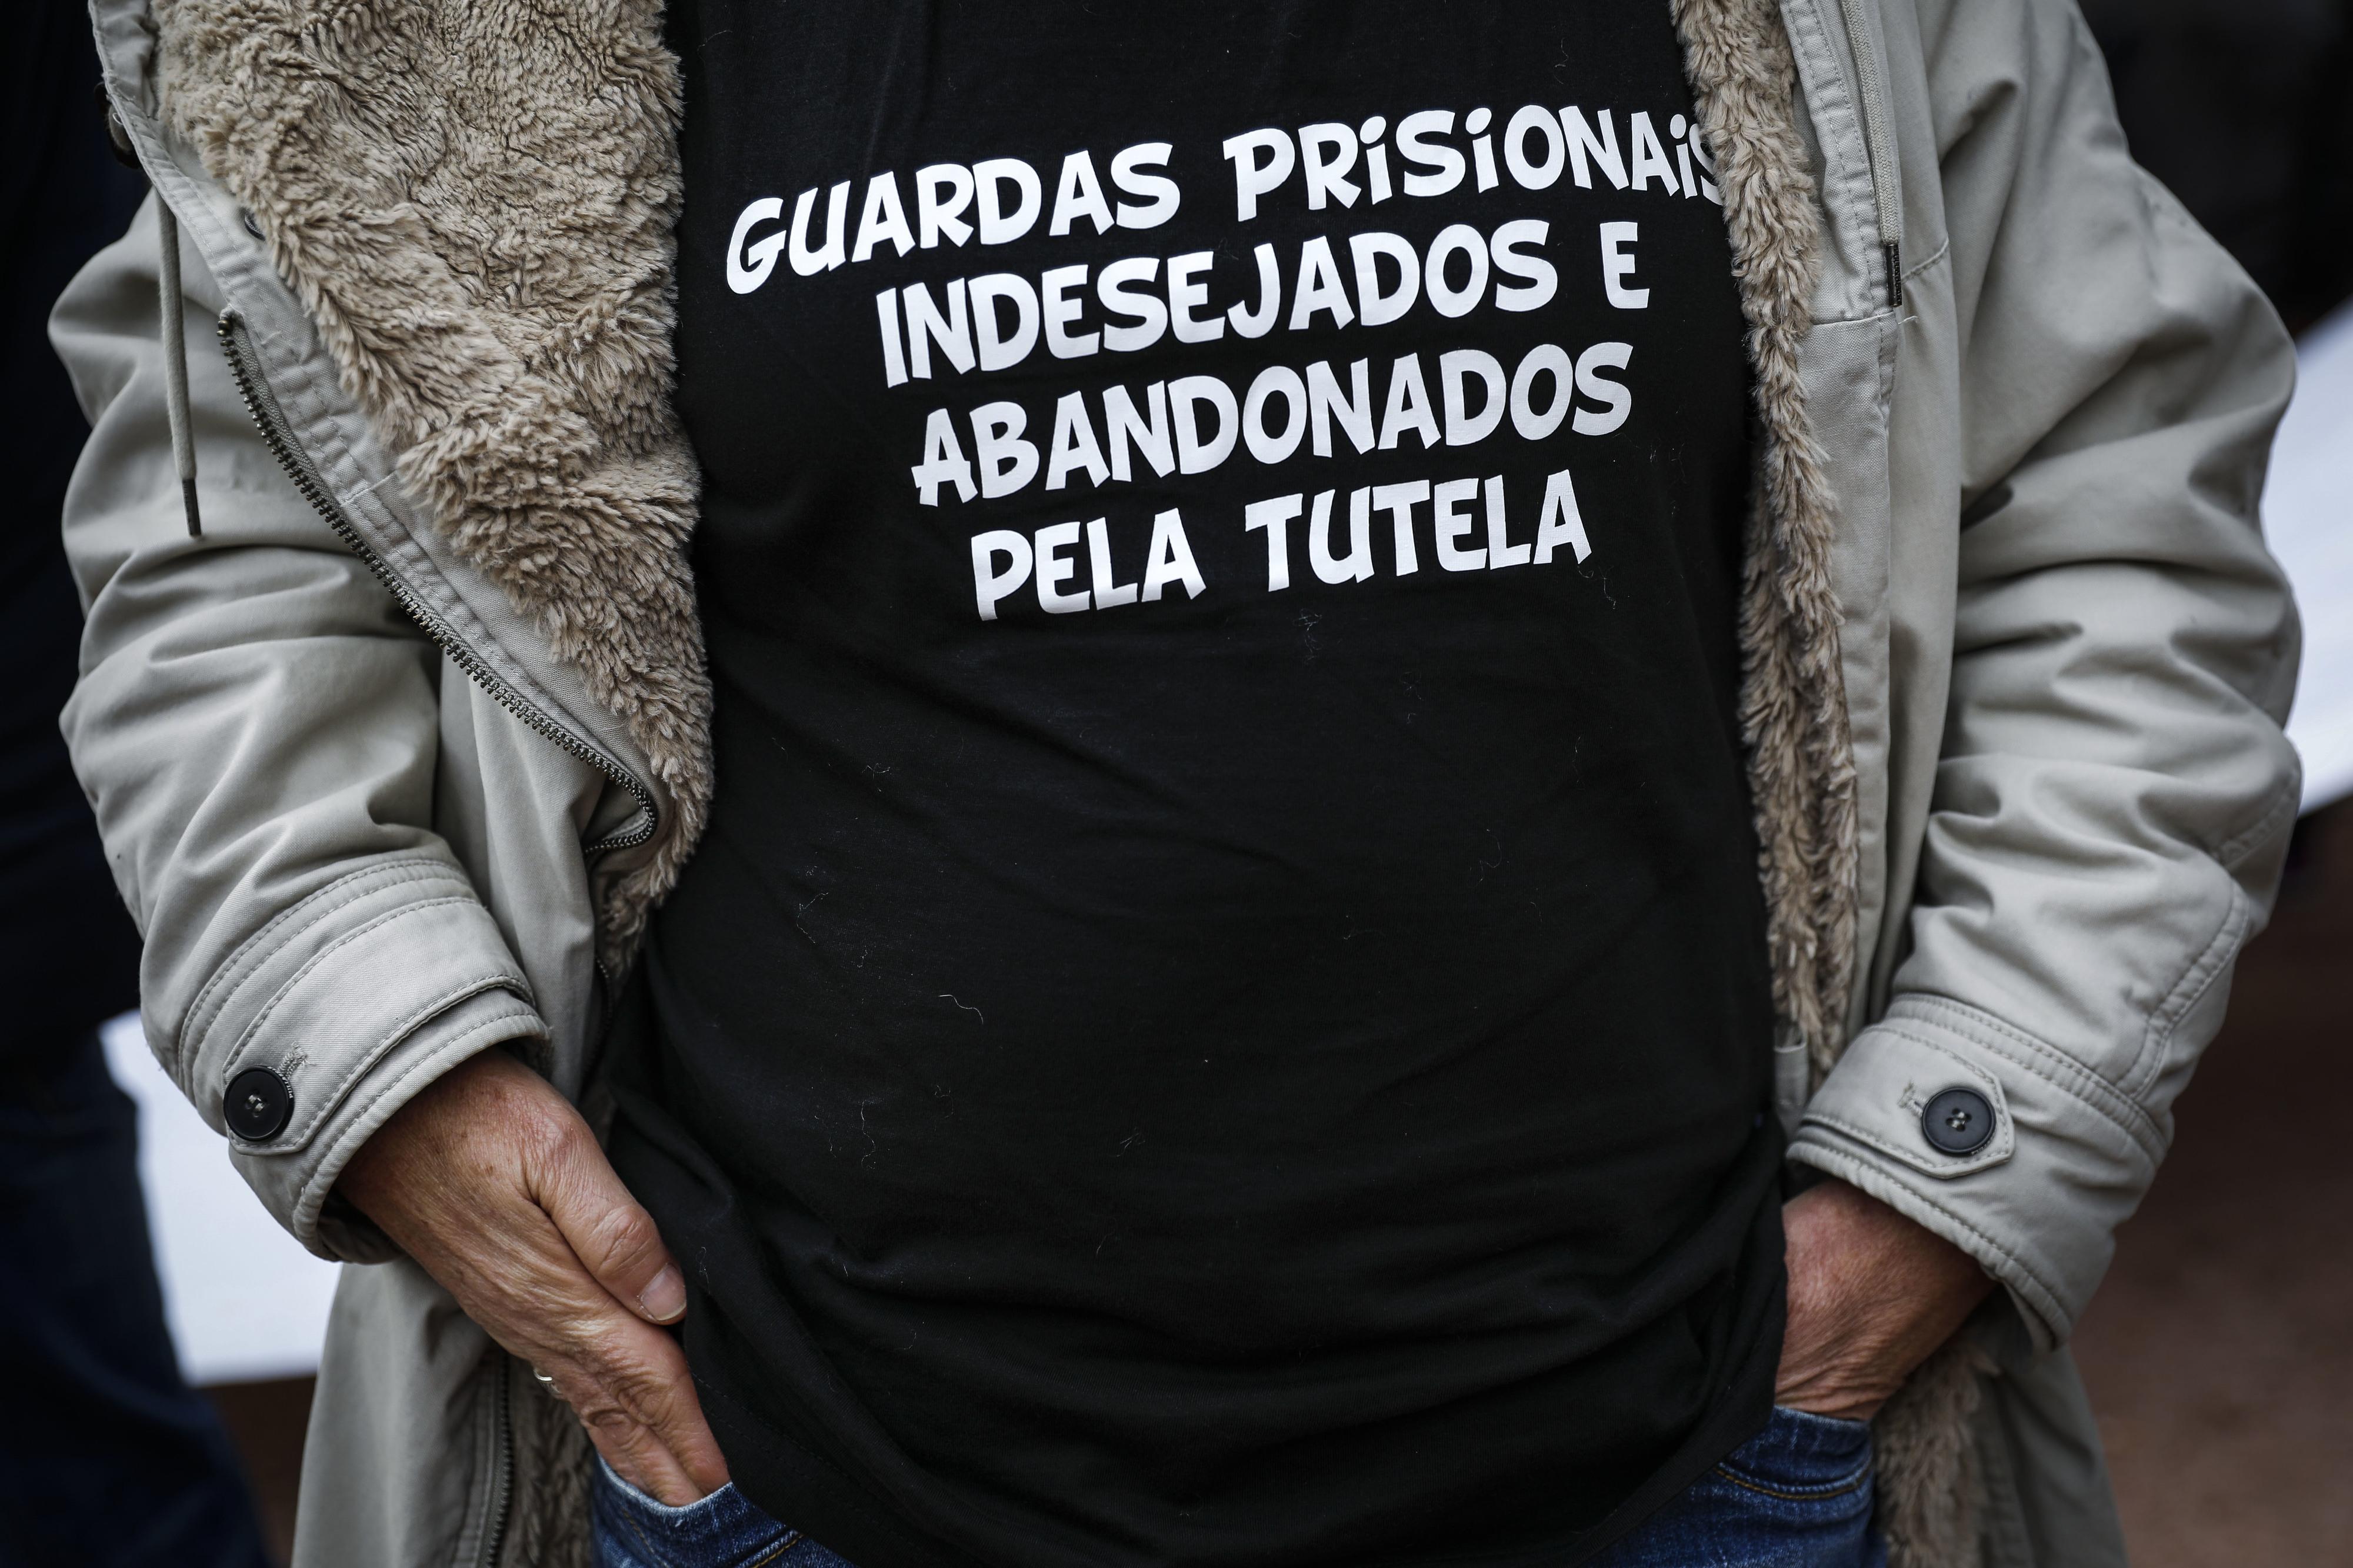 Sindicato Independente dos Guardas Prisionais inicia hoje greve de 23 dias